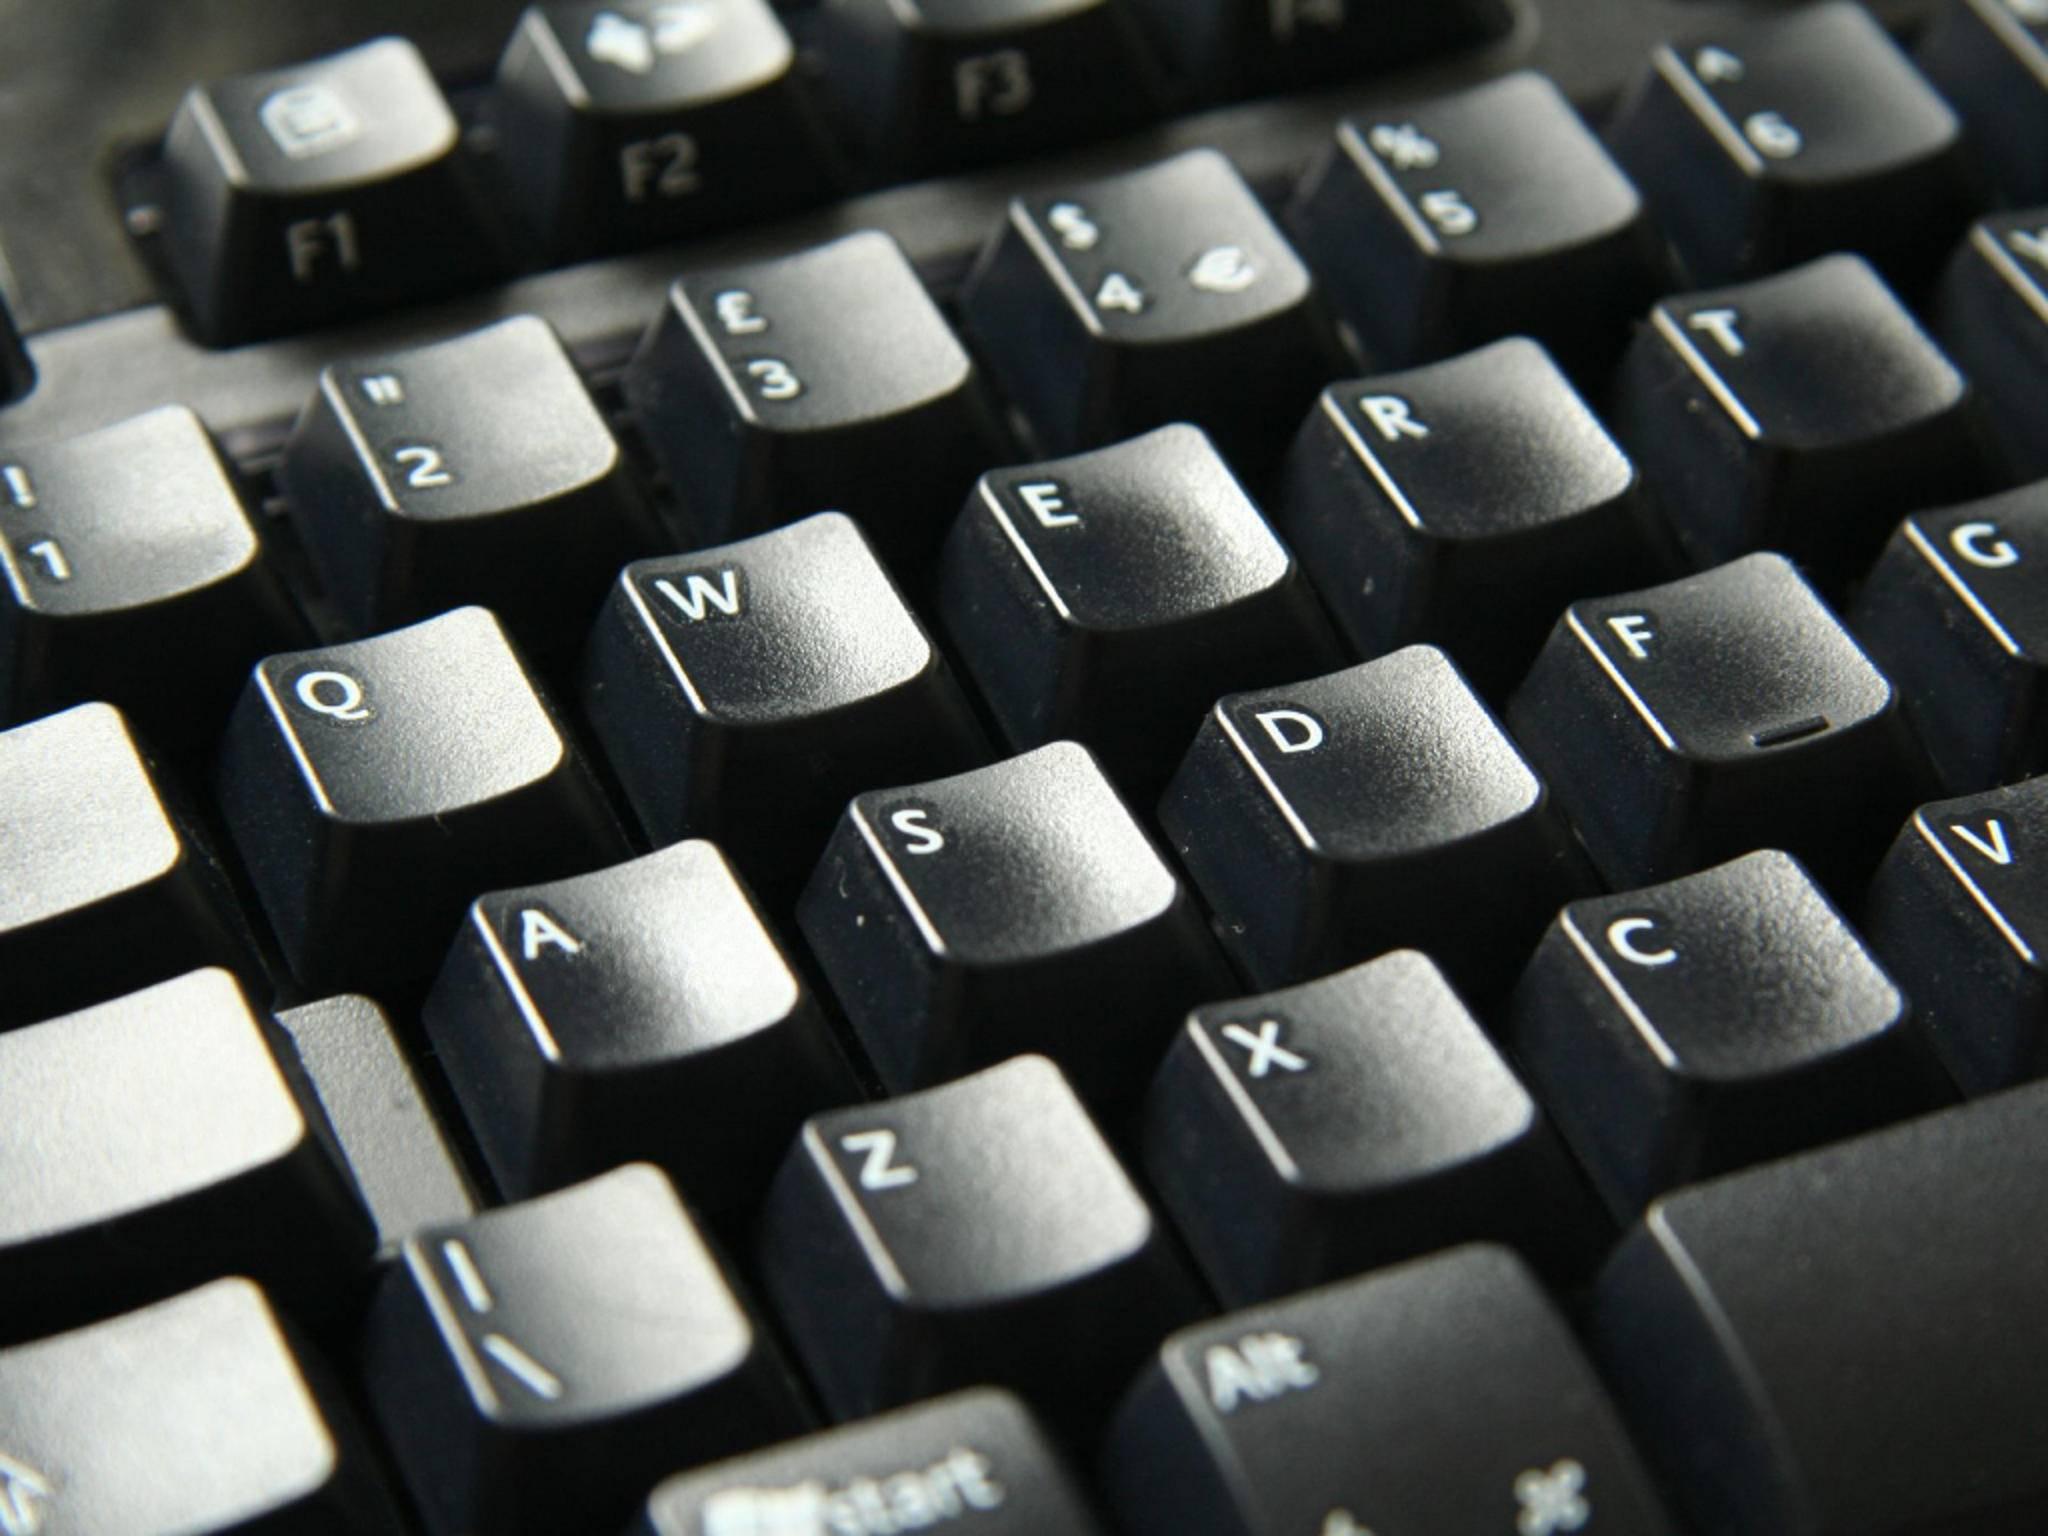 Eine neue Tastatur kann Wunder wirken.